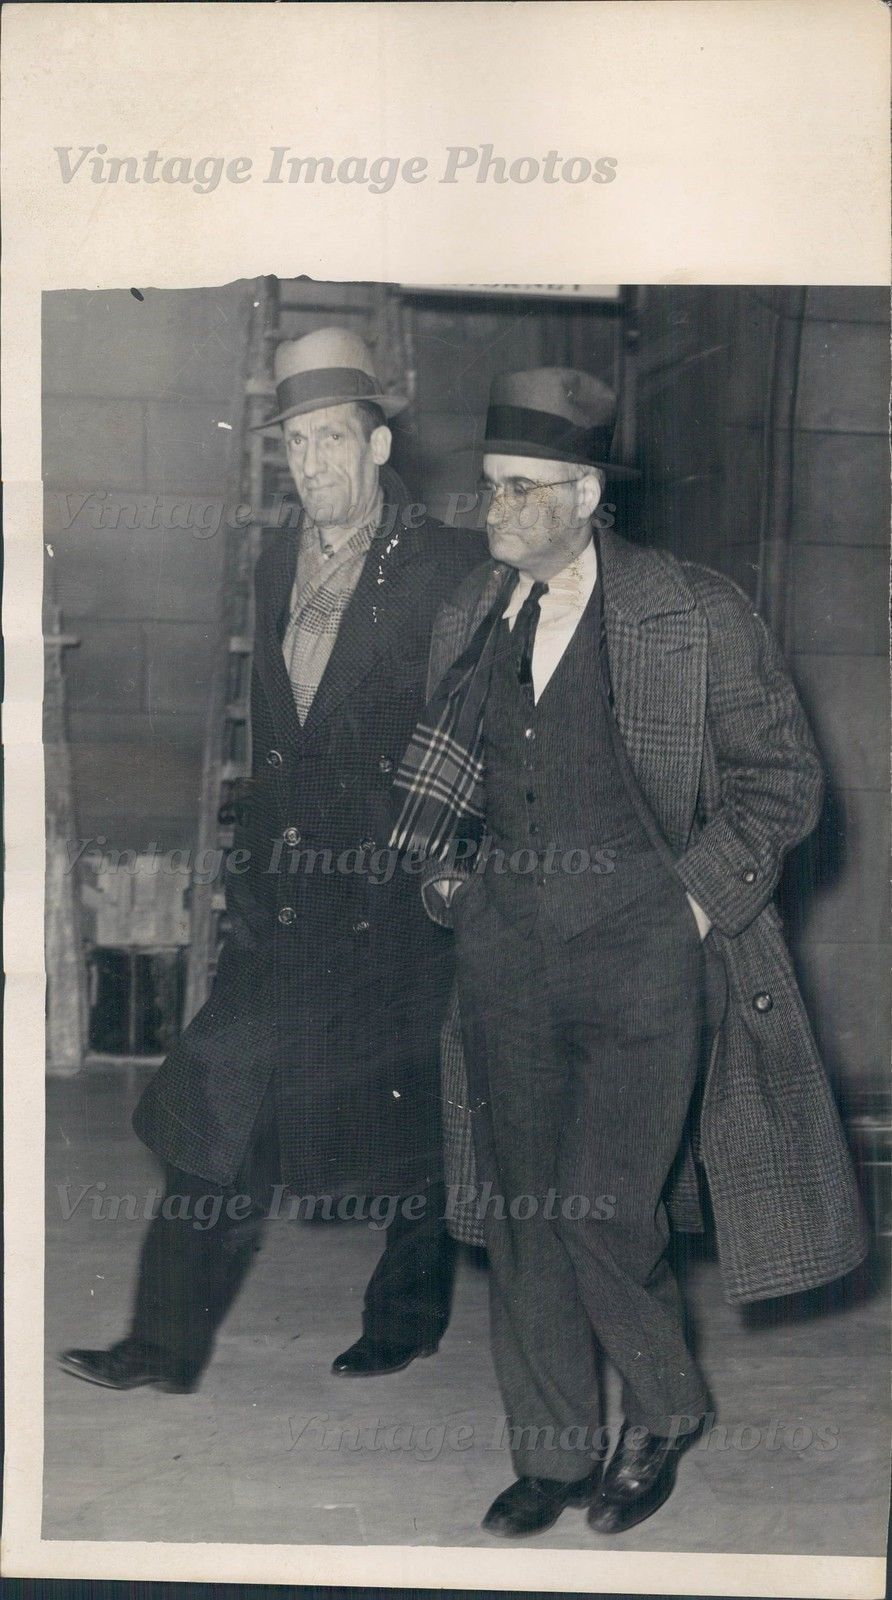 1939 J E Sims Men Business Suit Tie Hats Solemn Expression Building Press Photo